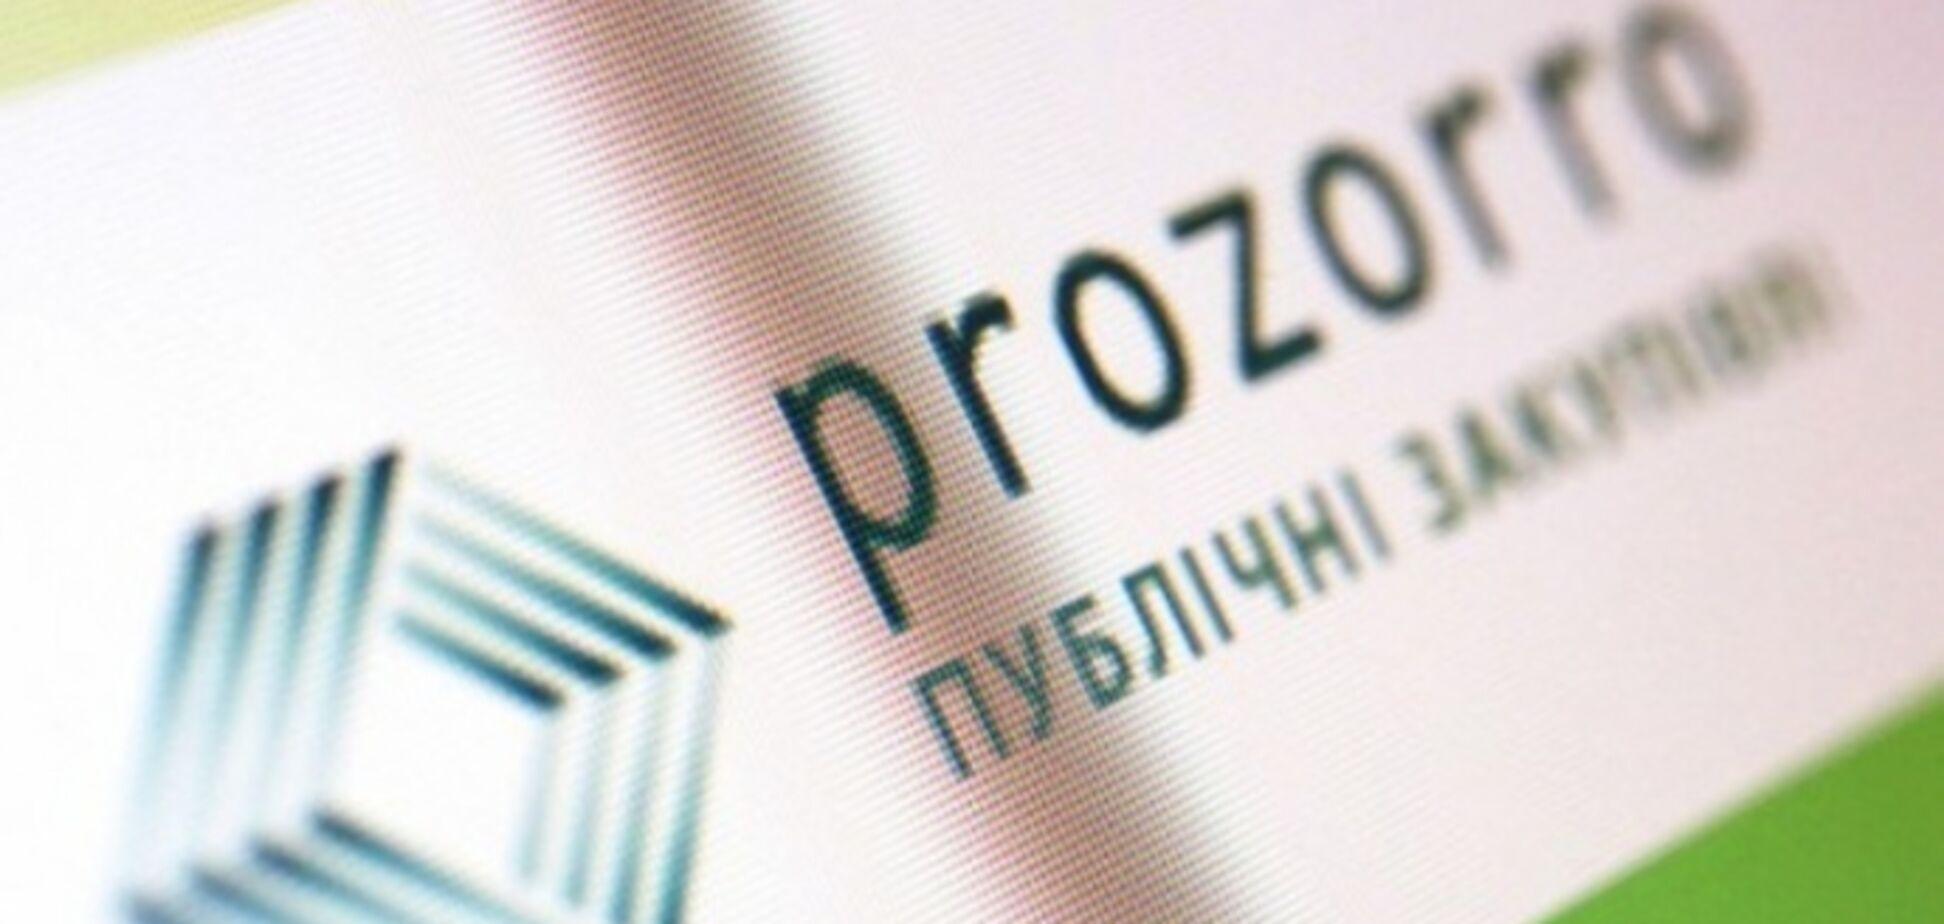 'Преміум компані' фальсифікувала документи для тендеру Міноборони – прокуратура